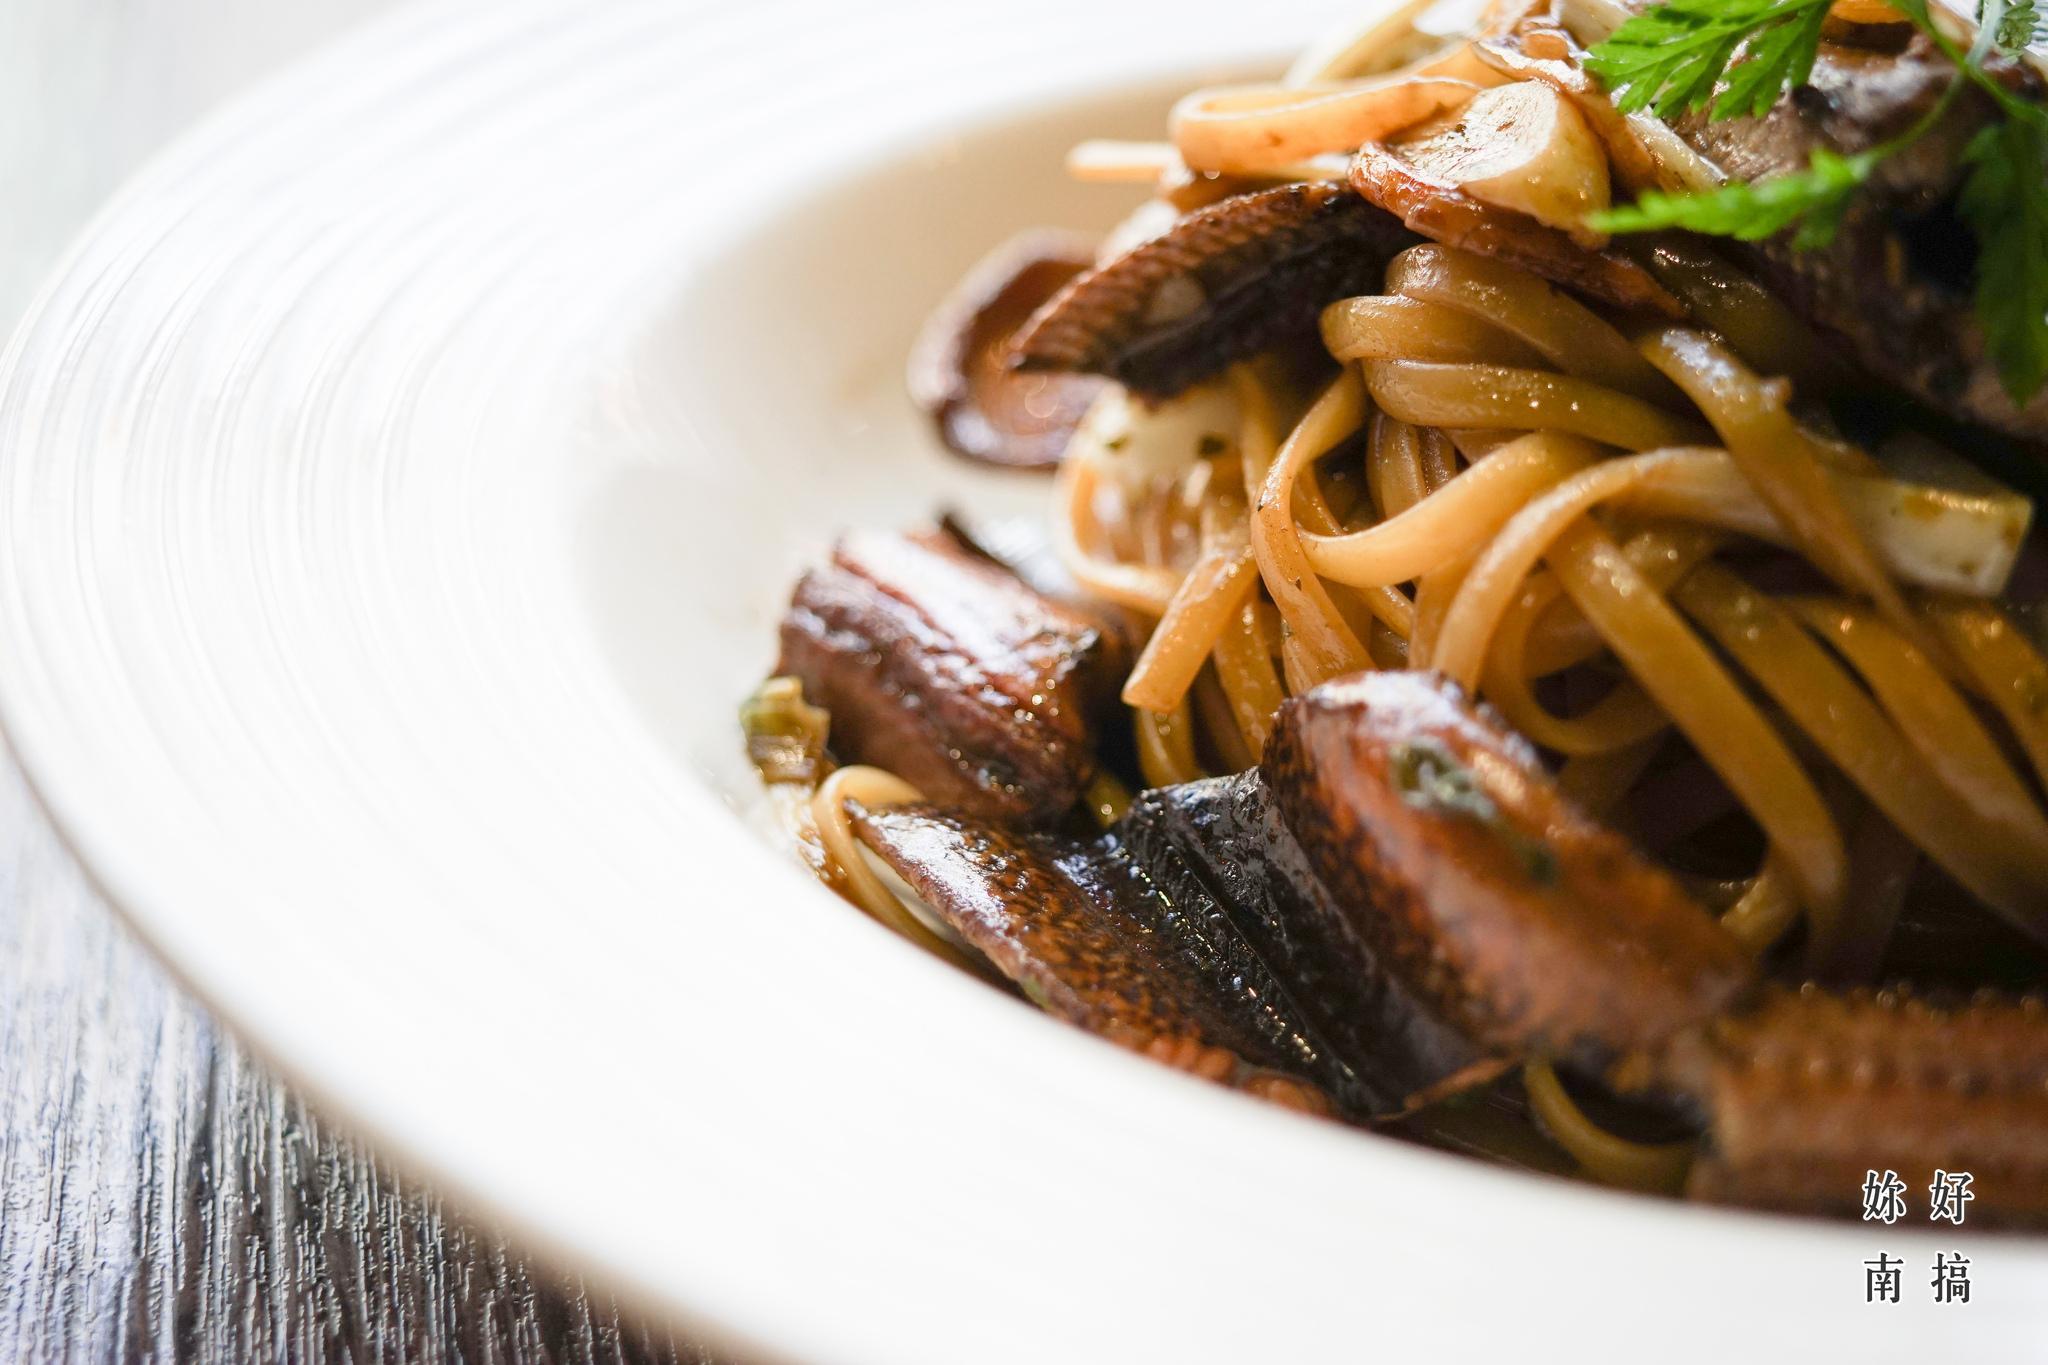 台南創意料理-cheftable開箱-07-妳好南搞